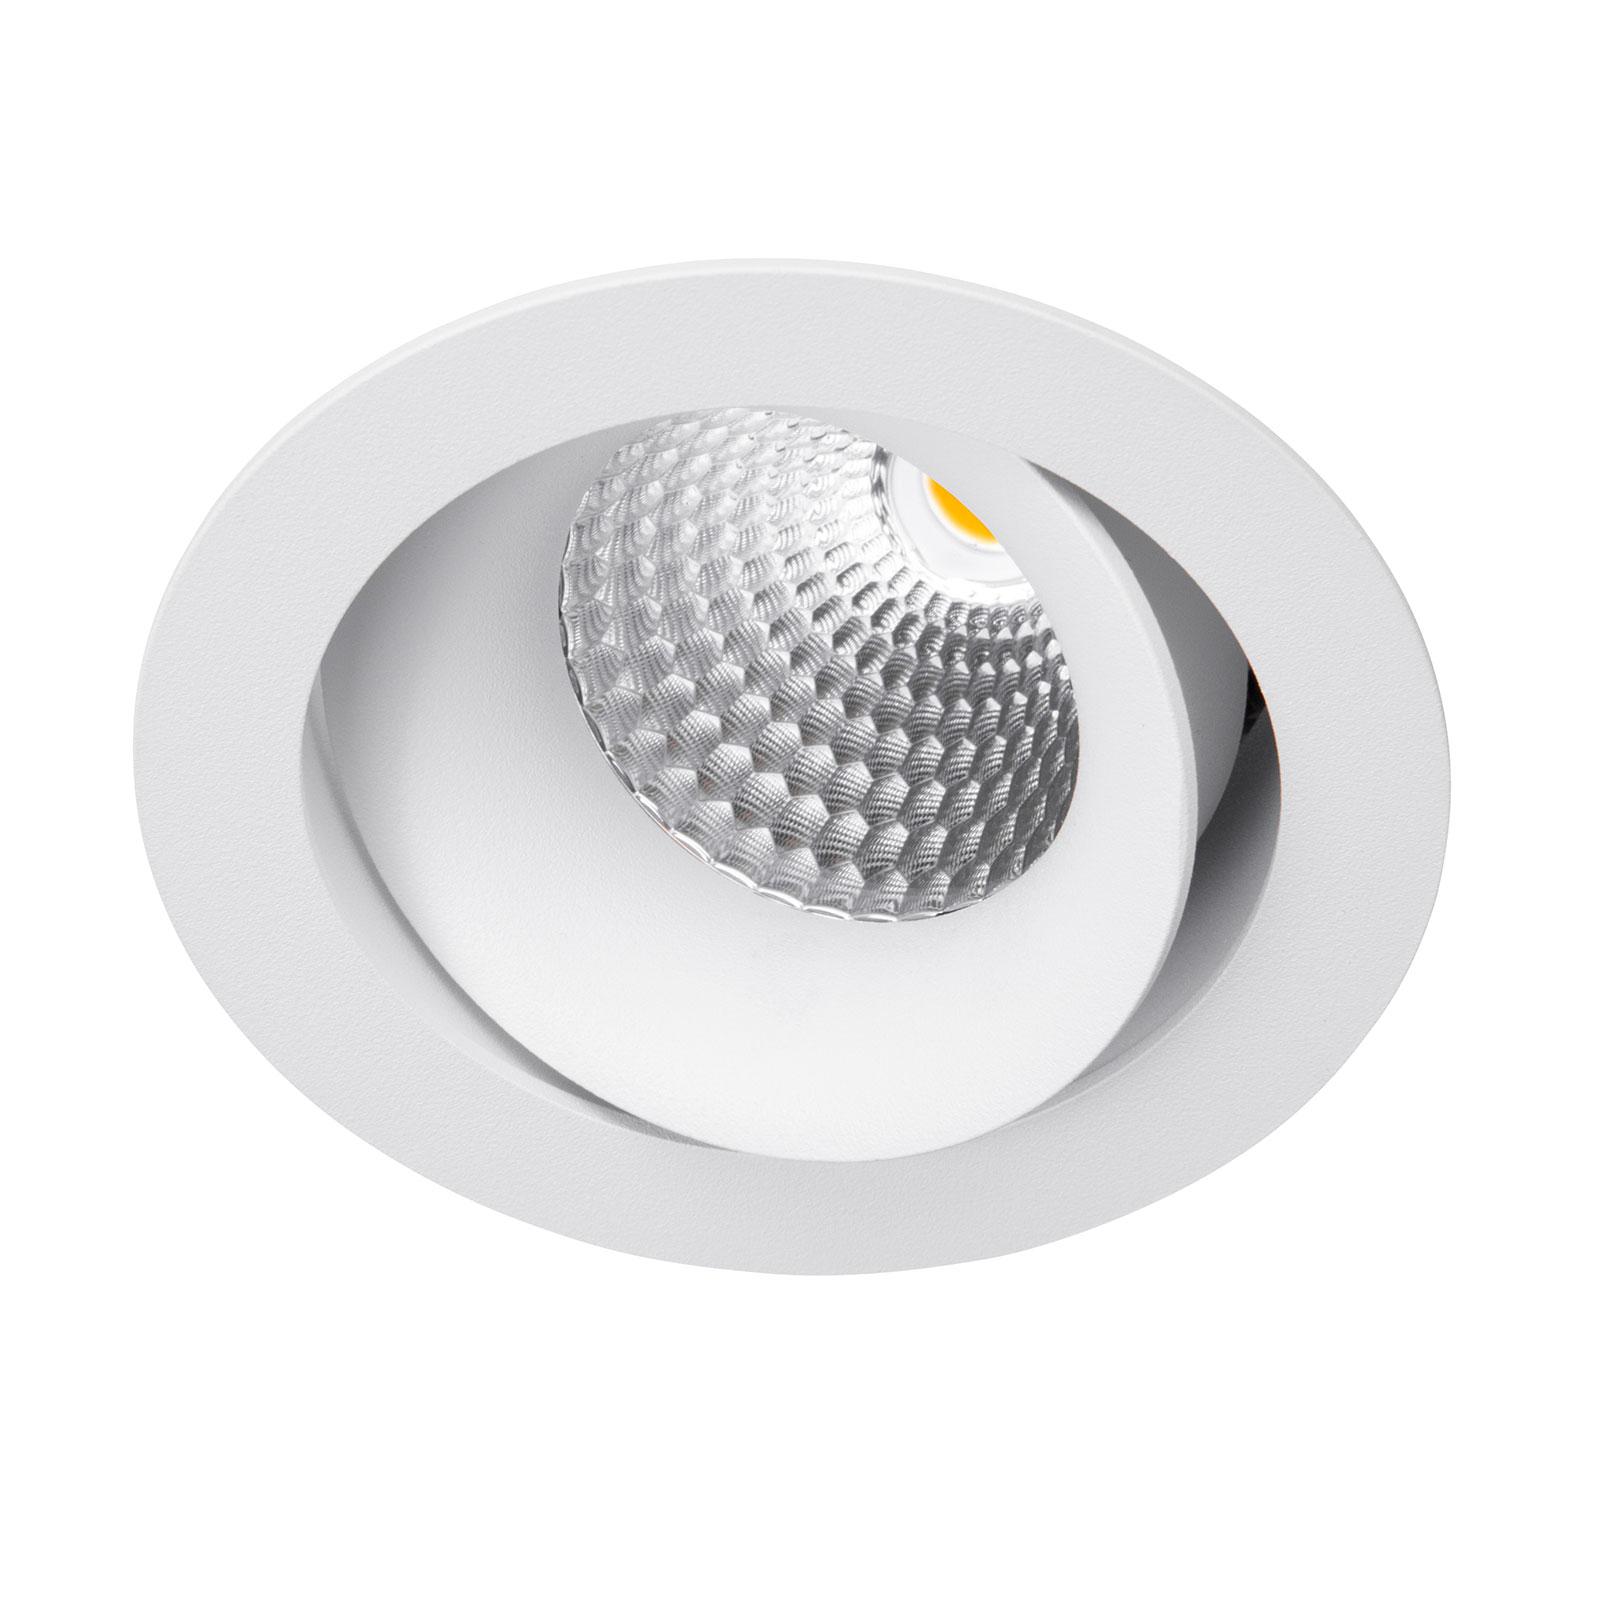 LED-Einbaustrahler Carda Piccolo, weiß, 36 Grad